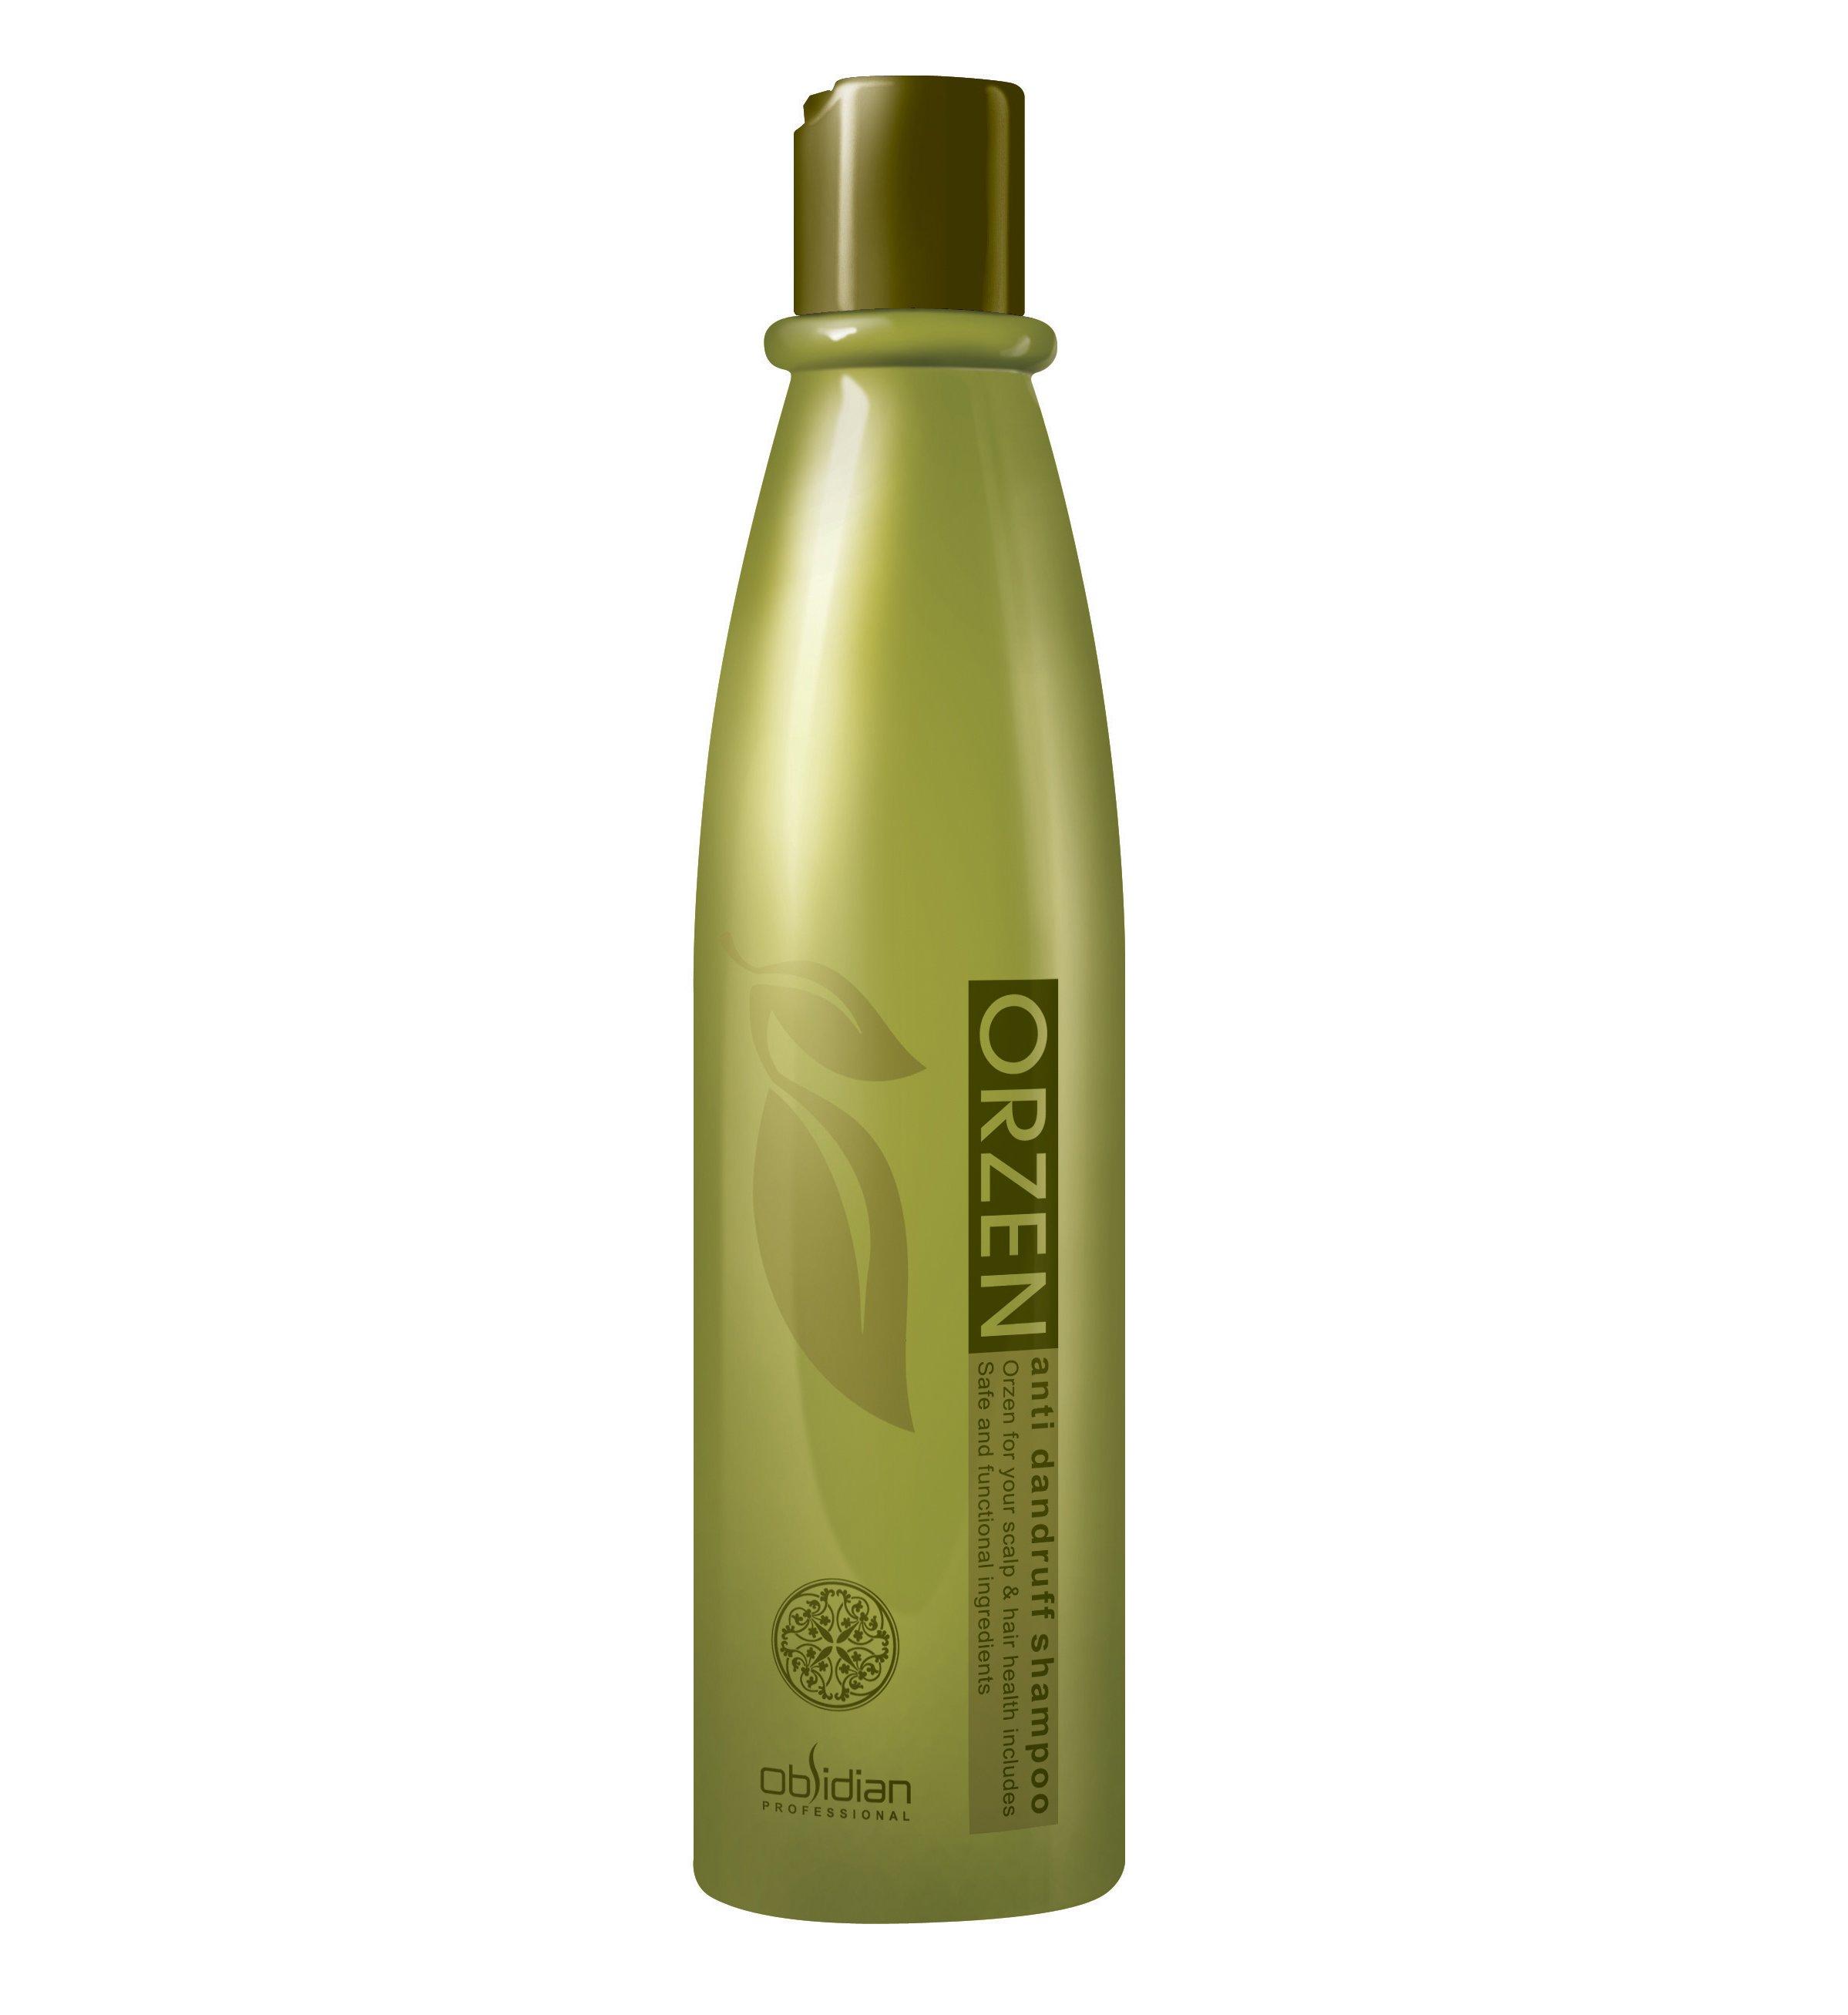 Dầu gội trị gàu vảy nến Orzen (Orzen Anti Druff Shampoo) có tác dụng làm sạch gàu, ngăn ngừa quá trình tái hình thành gàu vảy nến